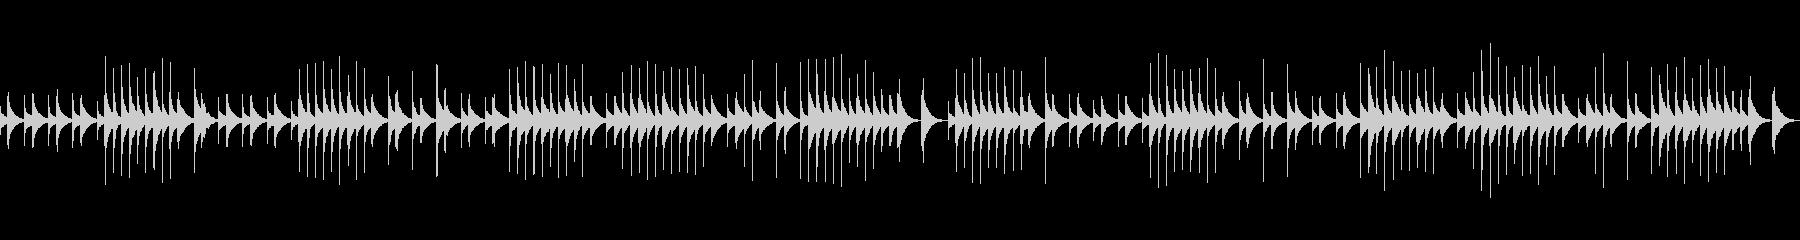 (オルゴール)ジムノペディ1番BPM84の未再生の波形